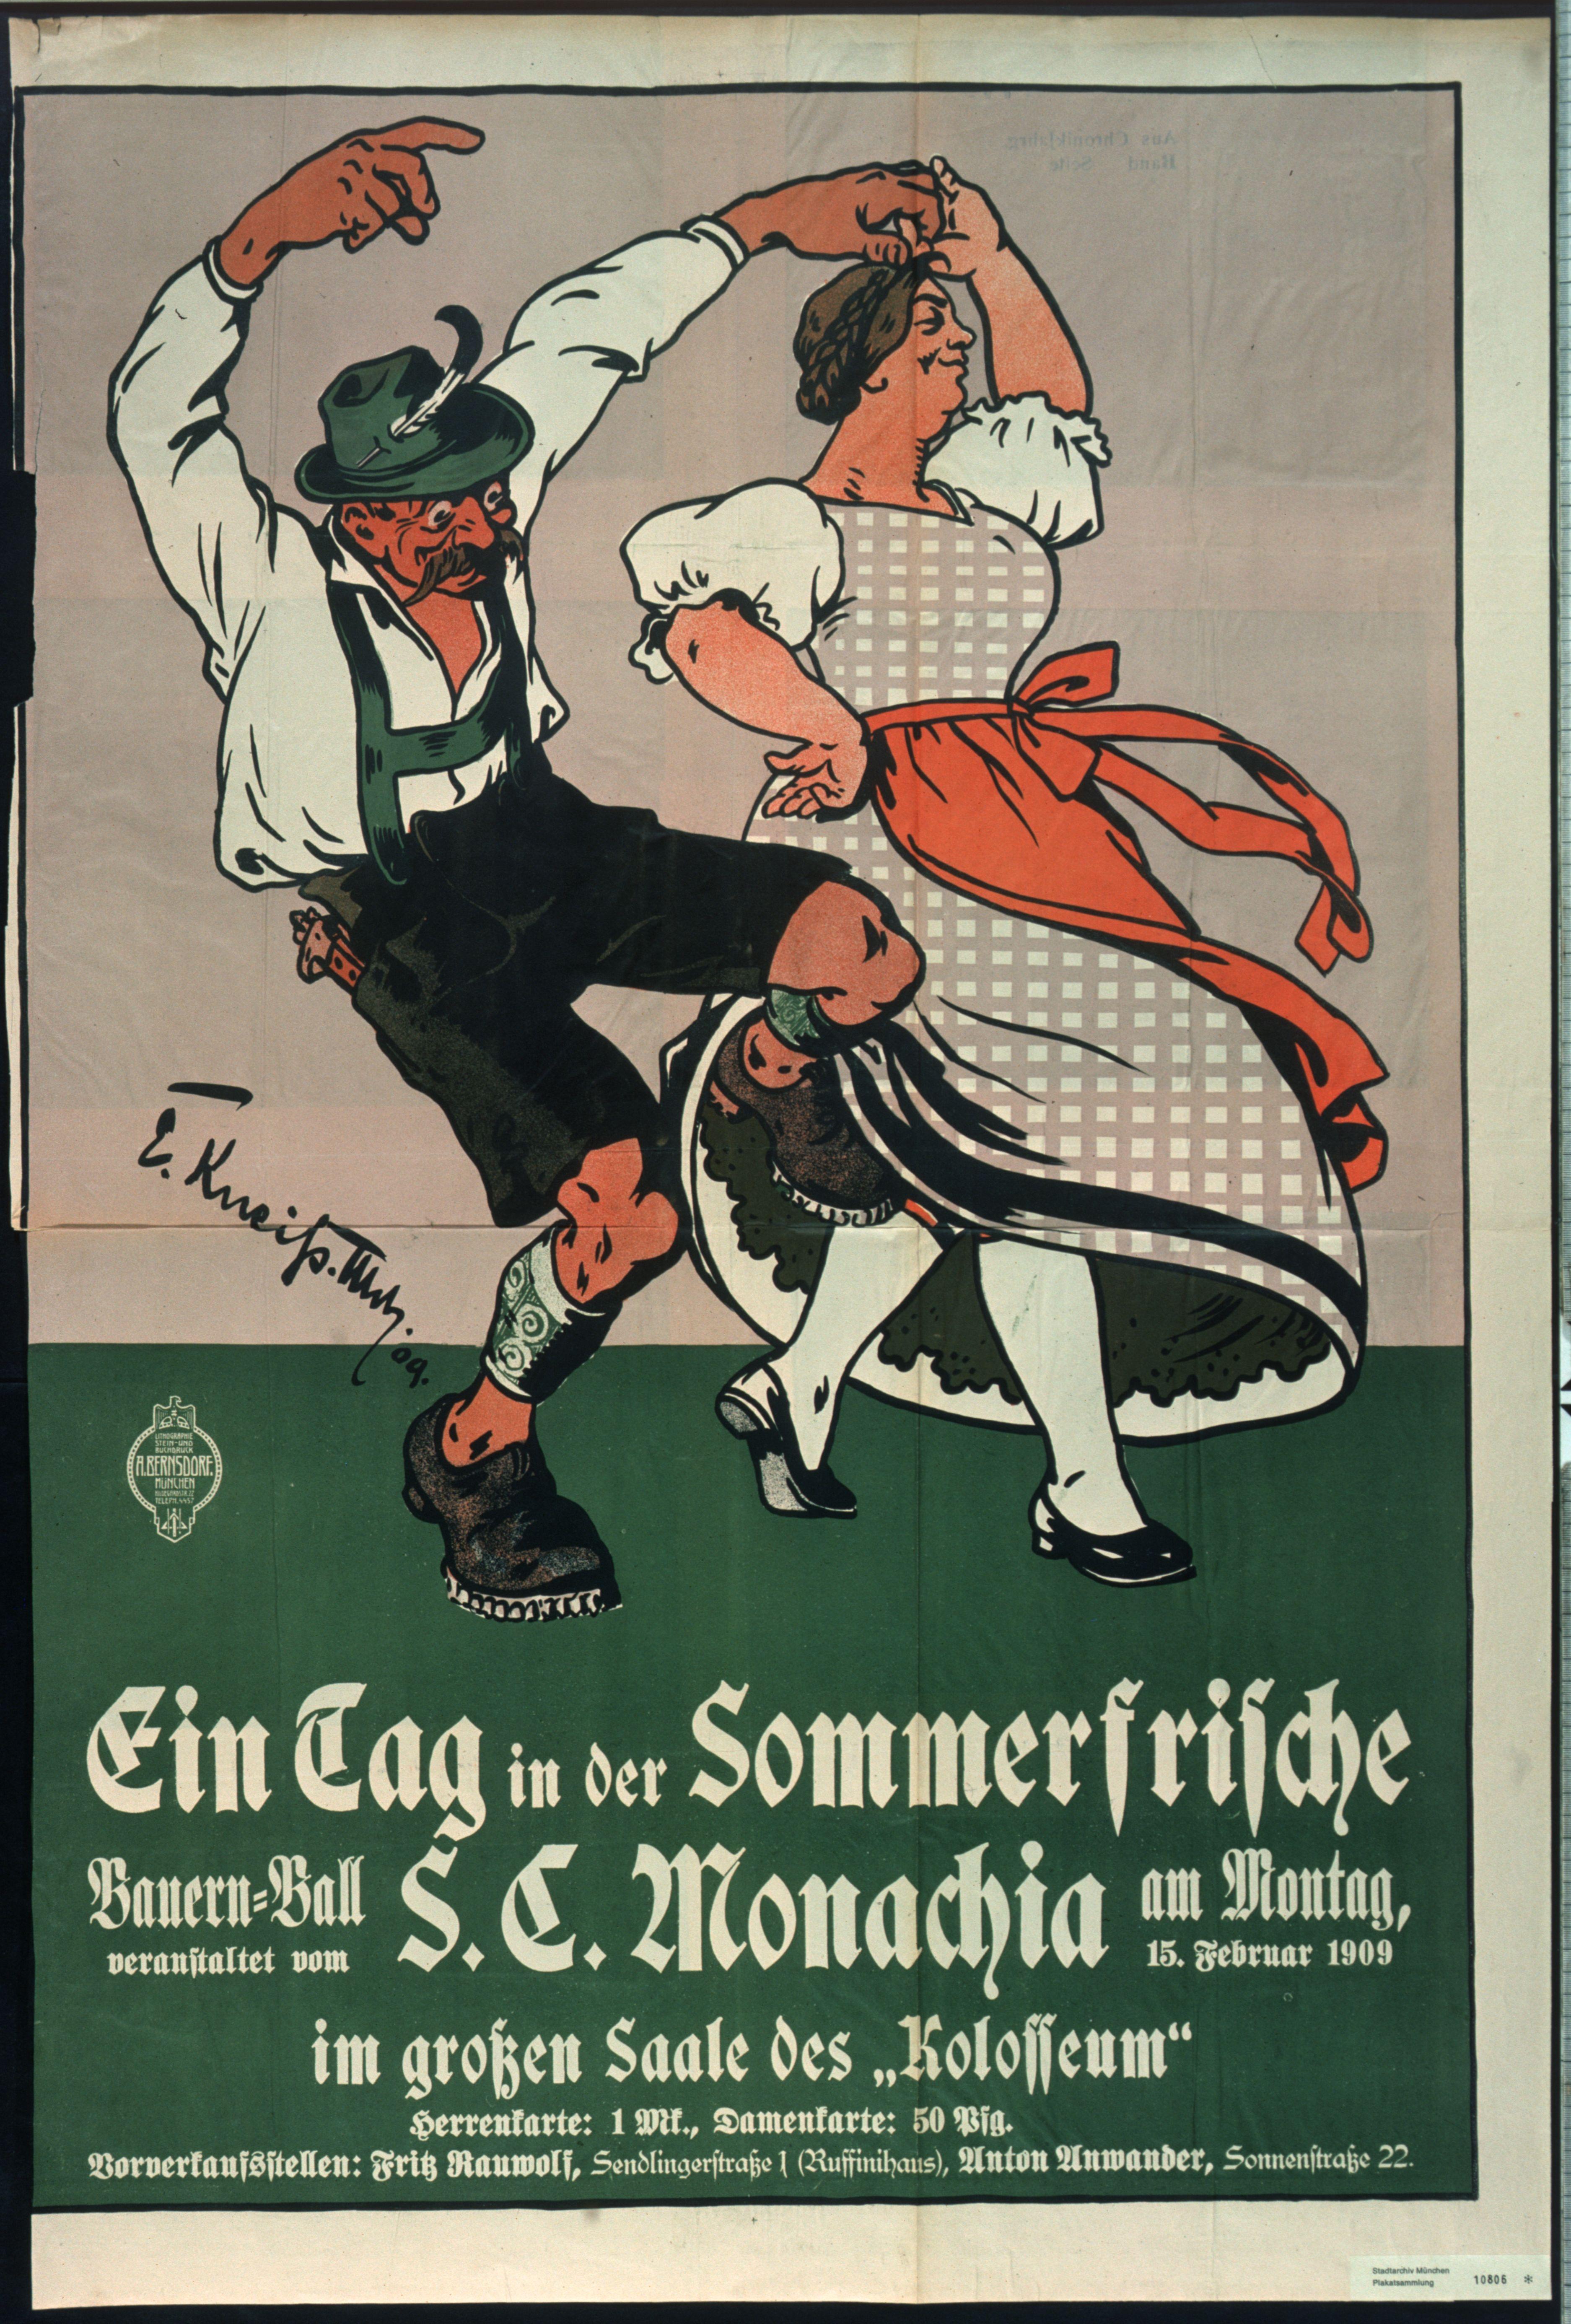 Plakat: Ein Tag in der Sommerfrische, Bauernball des S.C. Monachia